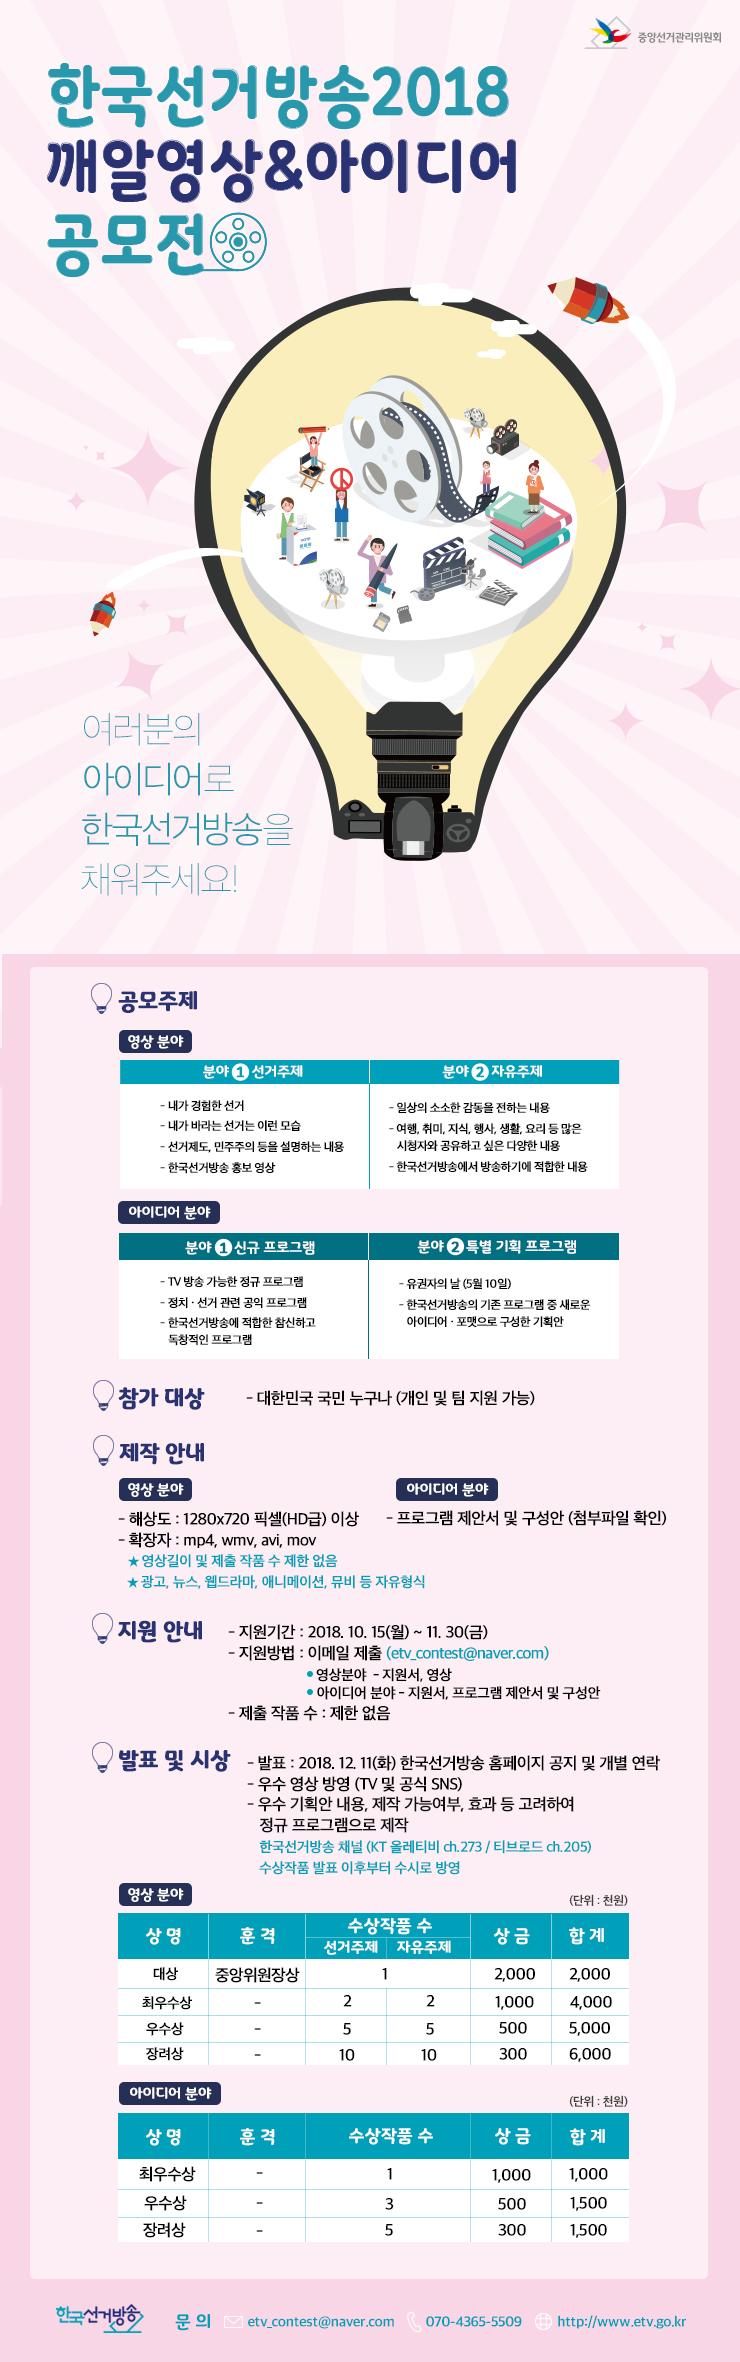 2018년 하반기 한국선거방송 깨알영상 및 아이디어 공모전이 개최됩니다.